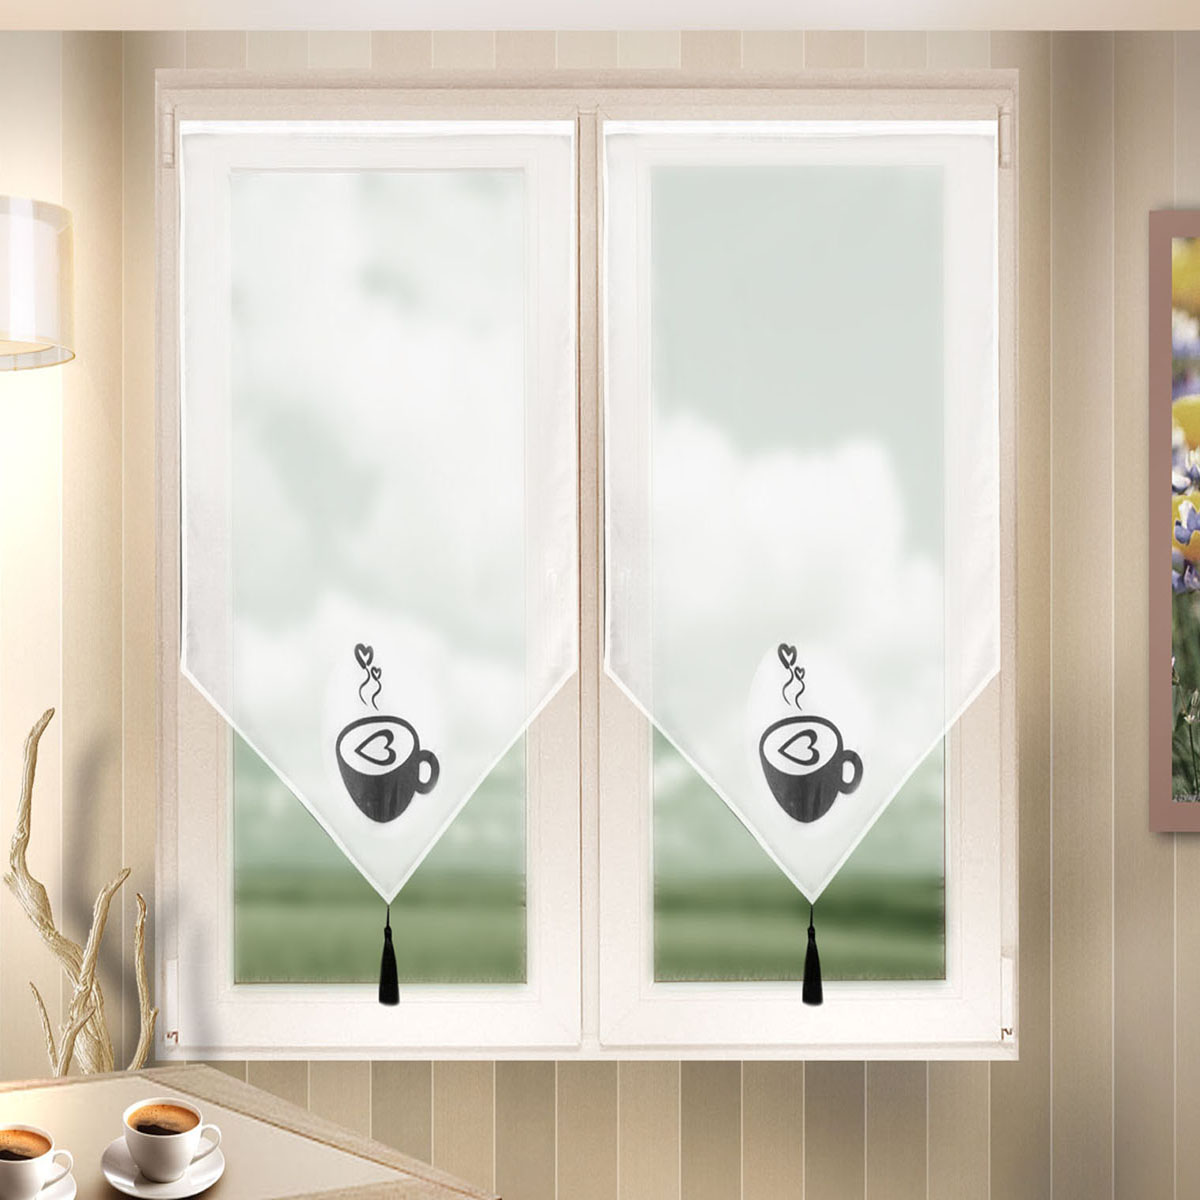 Гардина Zlata Korunka, на липкой ленте, цвет: белый, высота 140 см. 666024666024Гардина на липкой ленте Zlata Korunka, изготовленная из легкого полиэстера, станет великолепным украшением любого окна. Полотно из белой вуали с печатным рисунком привлечет ксебе внимание и органично впишется в интерьер комнаты. Лучшая альтернатива рулонным шторам на кухне – шторы на липкой ленте. Особенность этих штор заключается в том, что они имеют липкую основу в месте крепления. Лента или основа надежно и быстро крепится на раму окна, а на нее фиксируется сама штора.